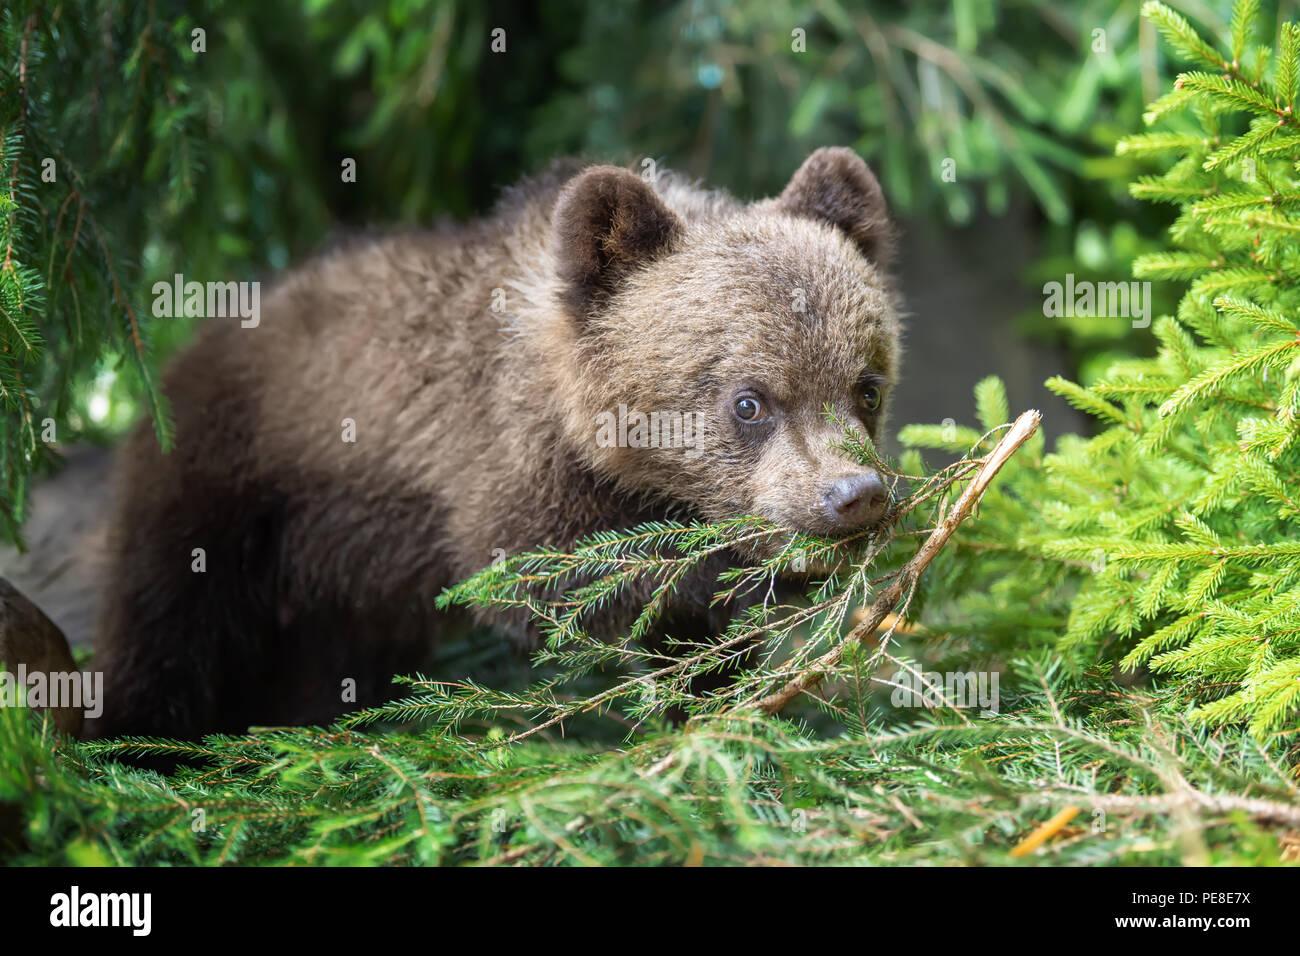 Giovani brown Bear Cub nella foresta. Animale in natura habitat Immagini Stock